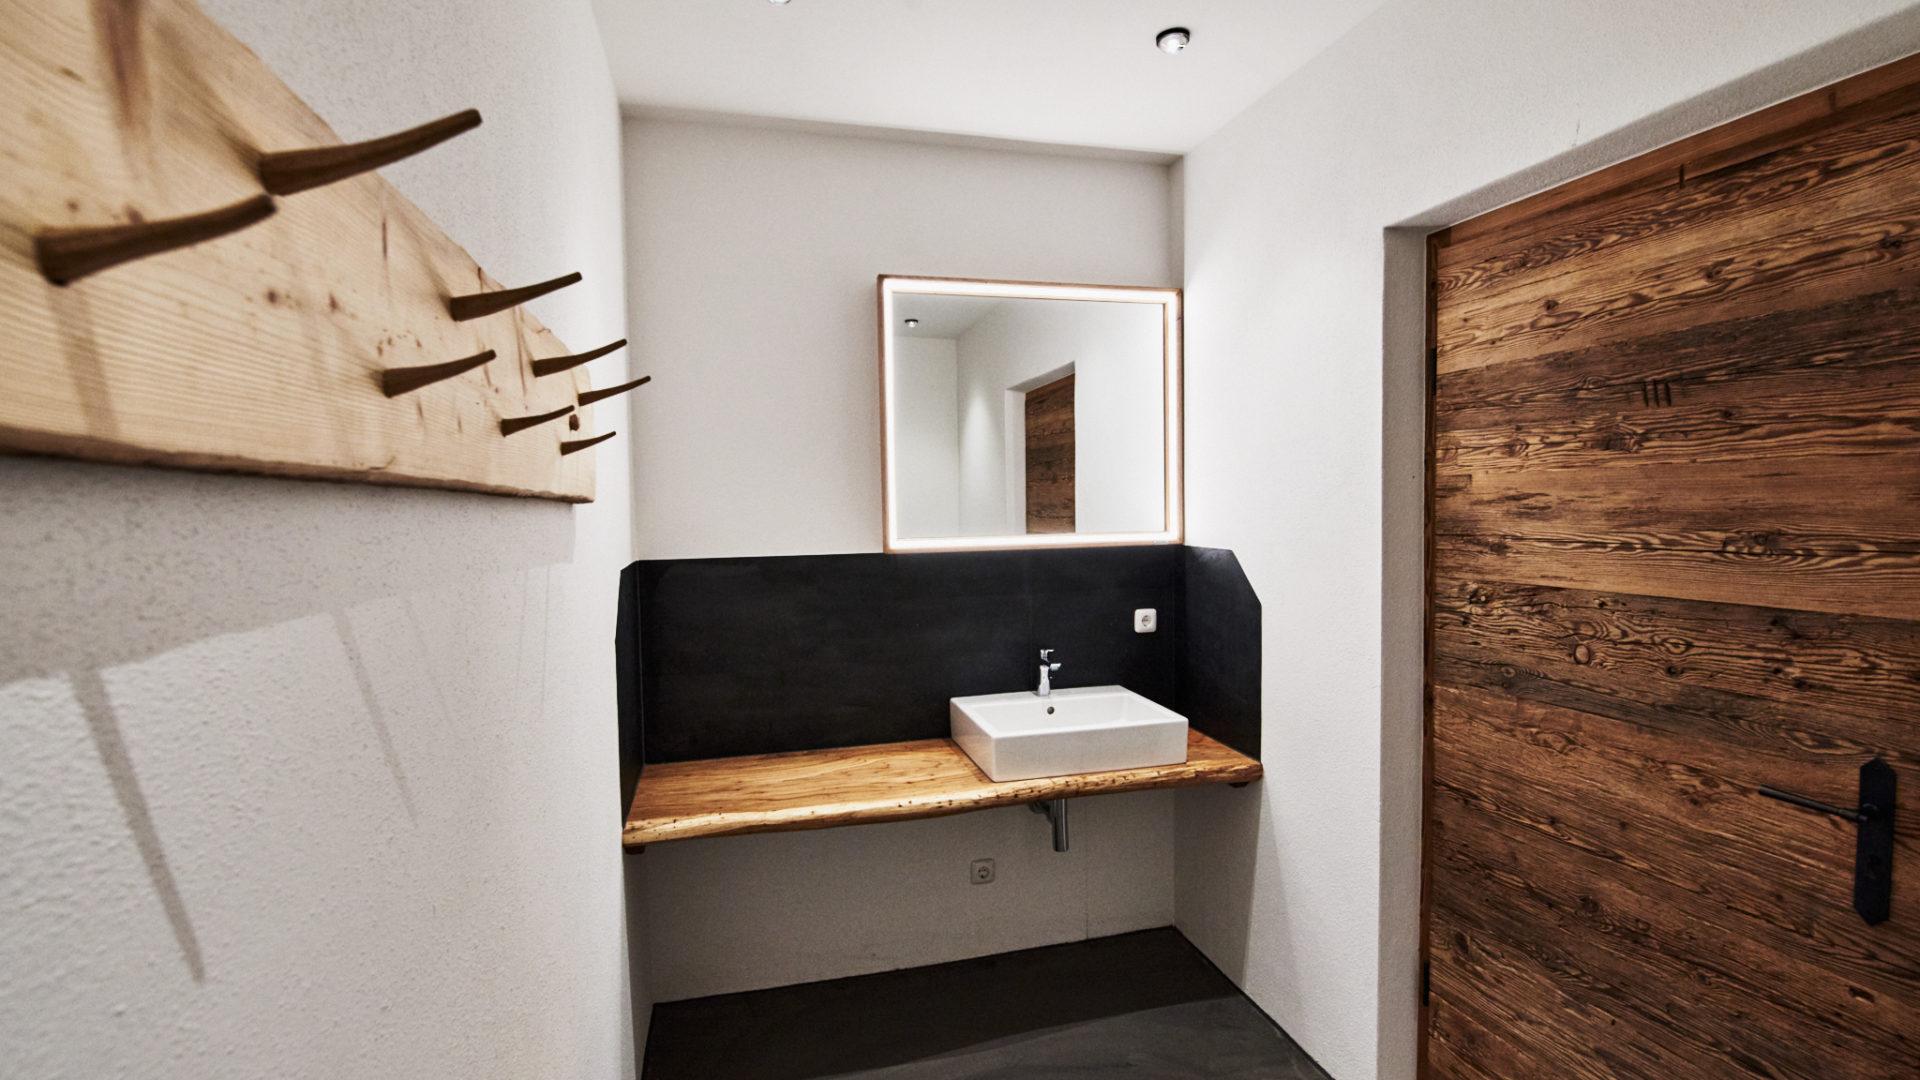 Toiletten Beleuchtung Gastronomie, Traunstein